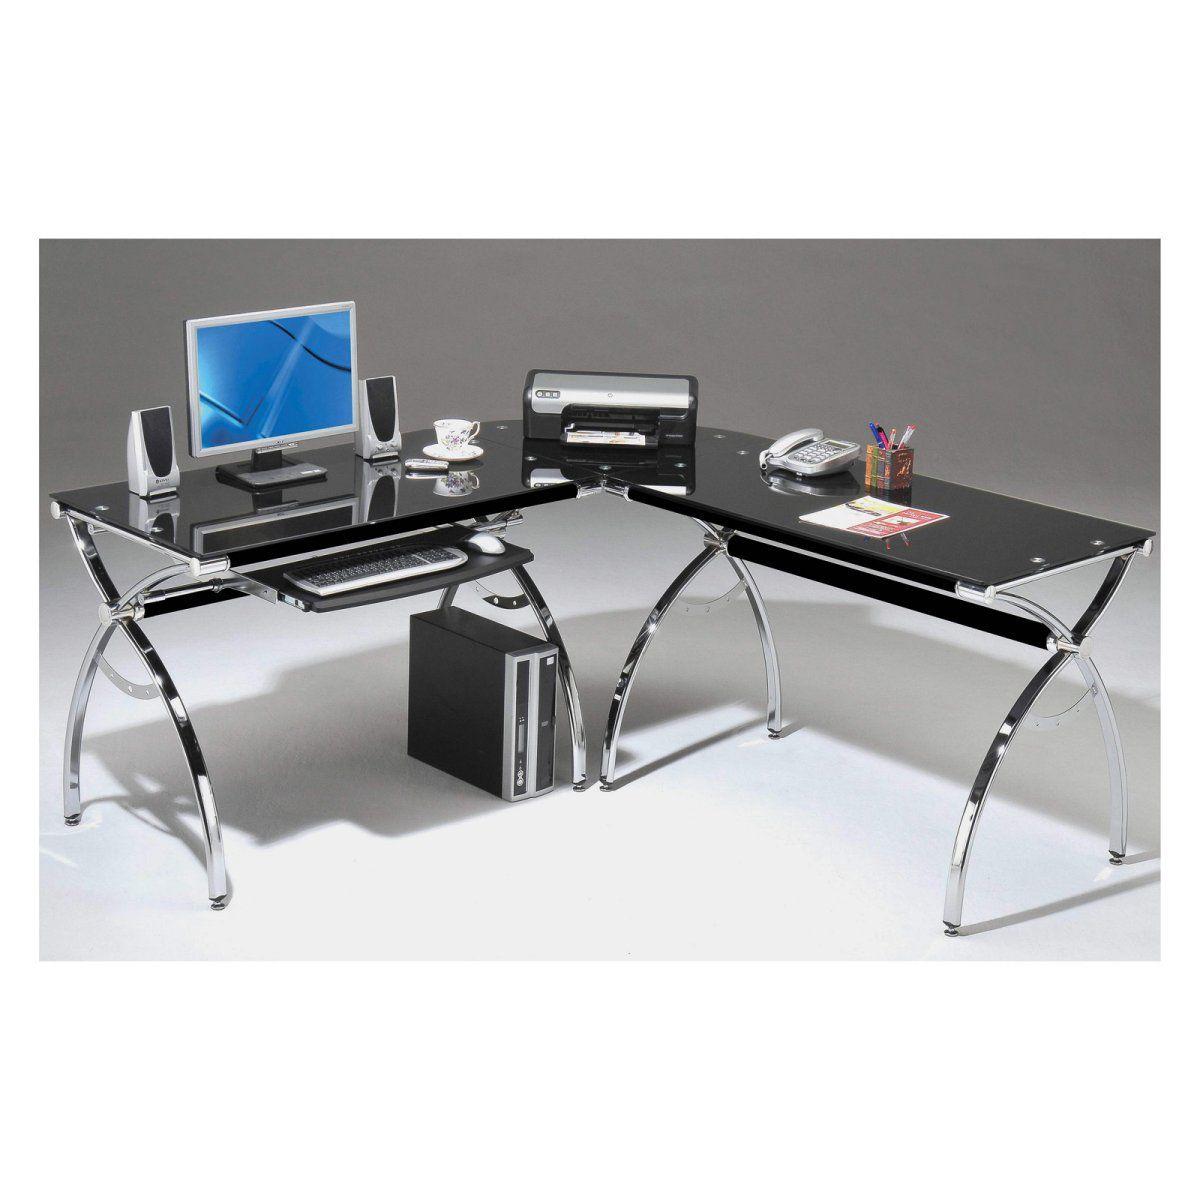 Techni Mobili L Shaped Glass puter Desk Black Chrome hayneedle